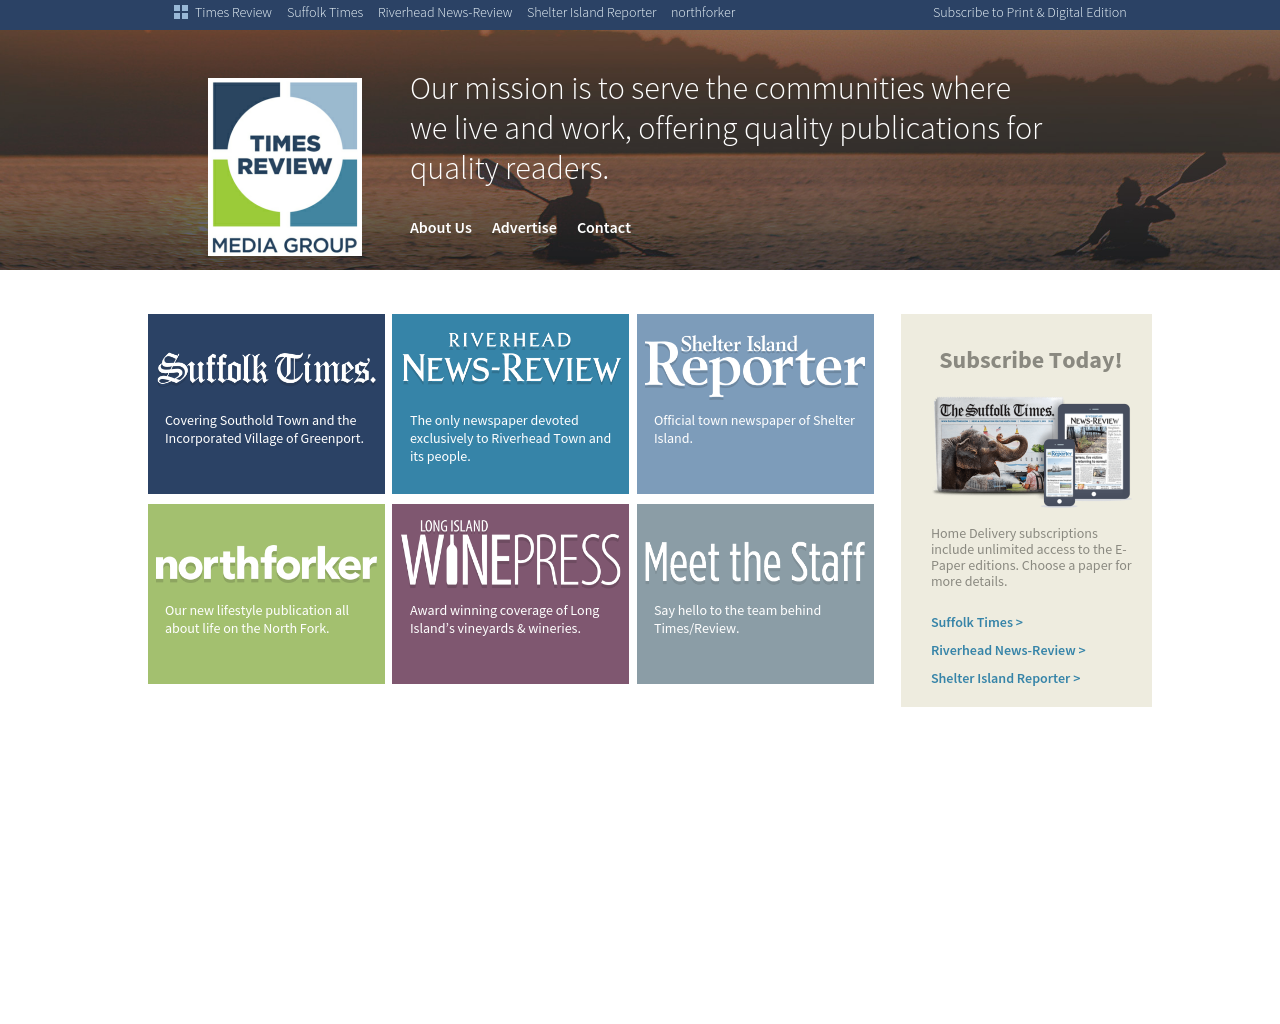 Northforker-Advertising-Reviews-Pricing